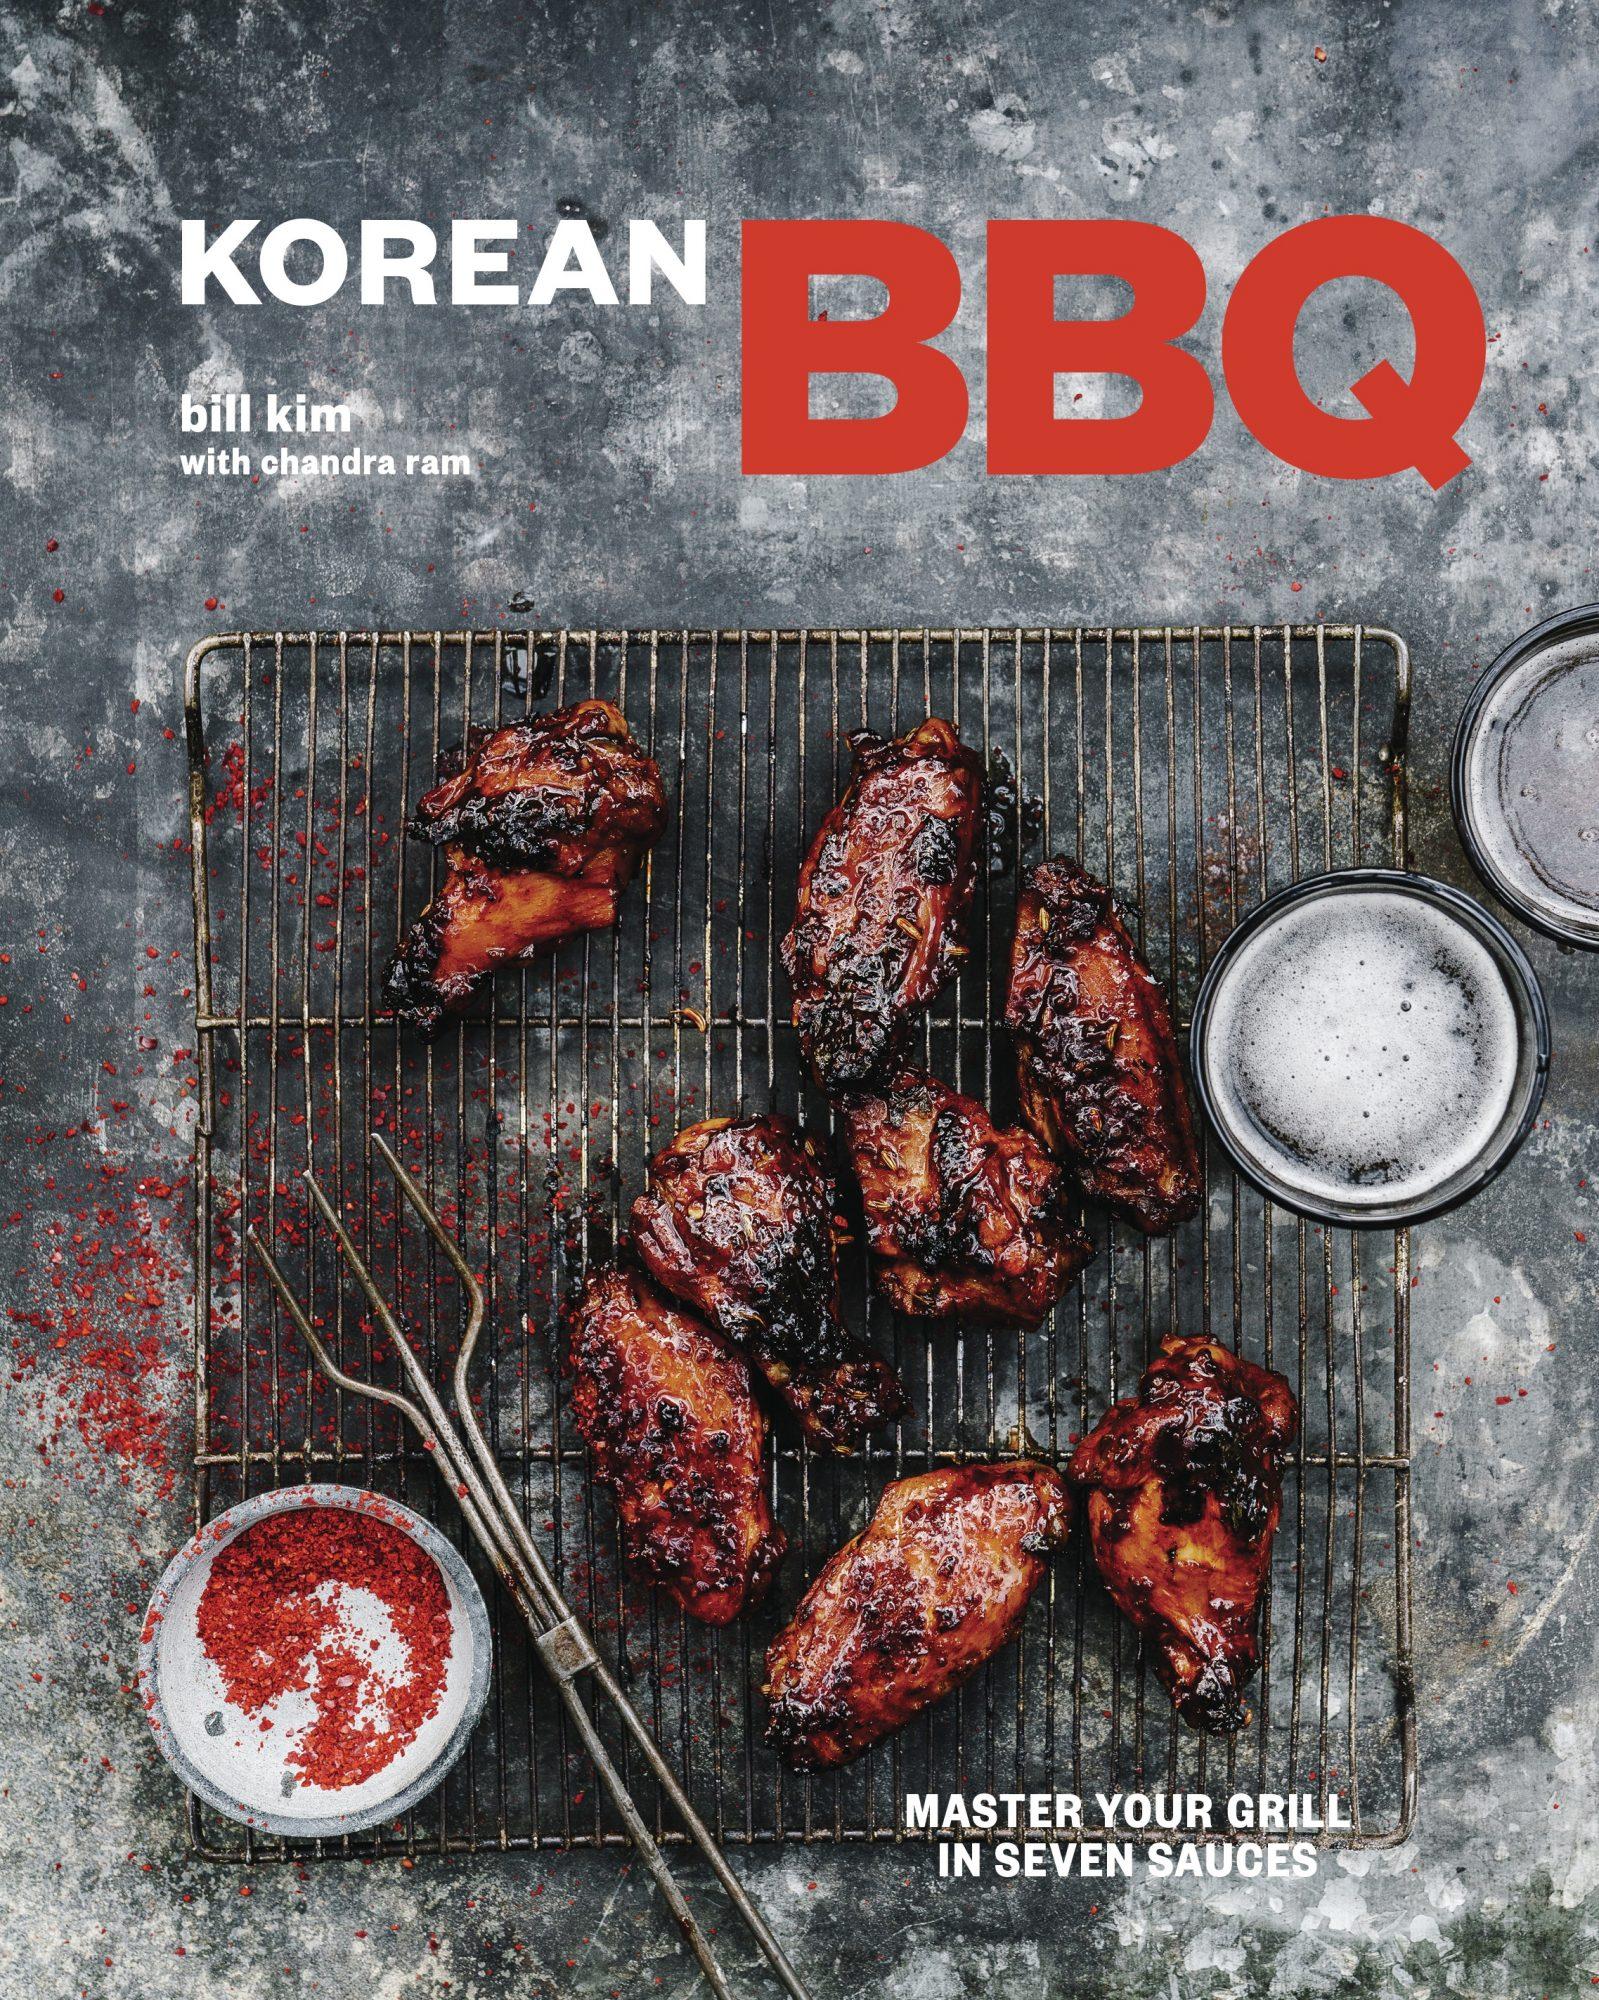 Korean BBQ book